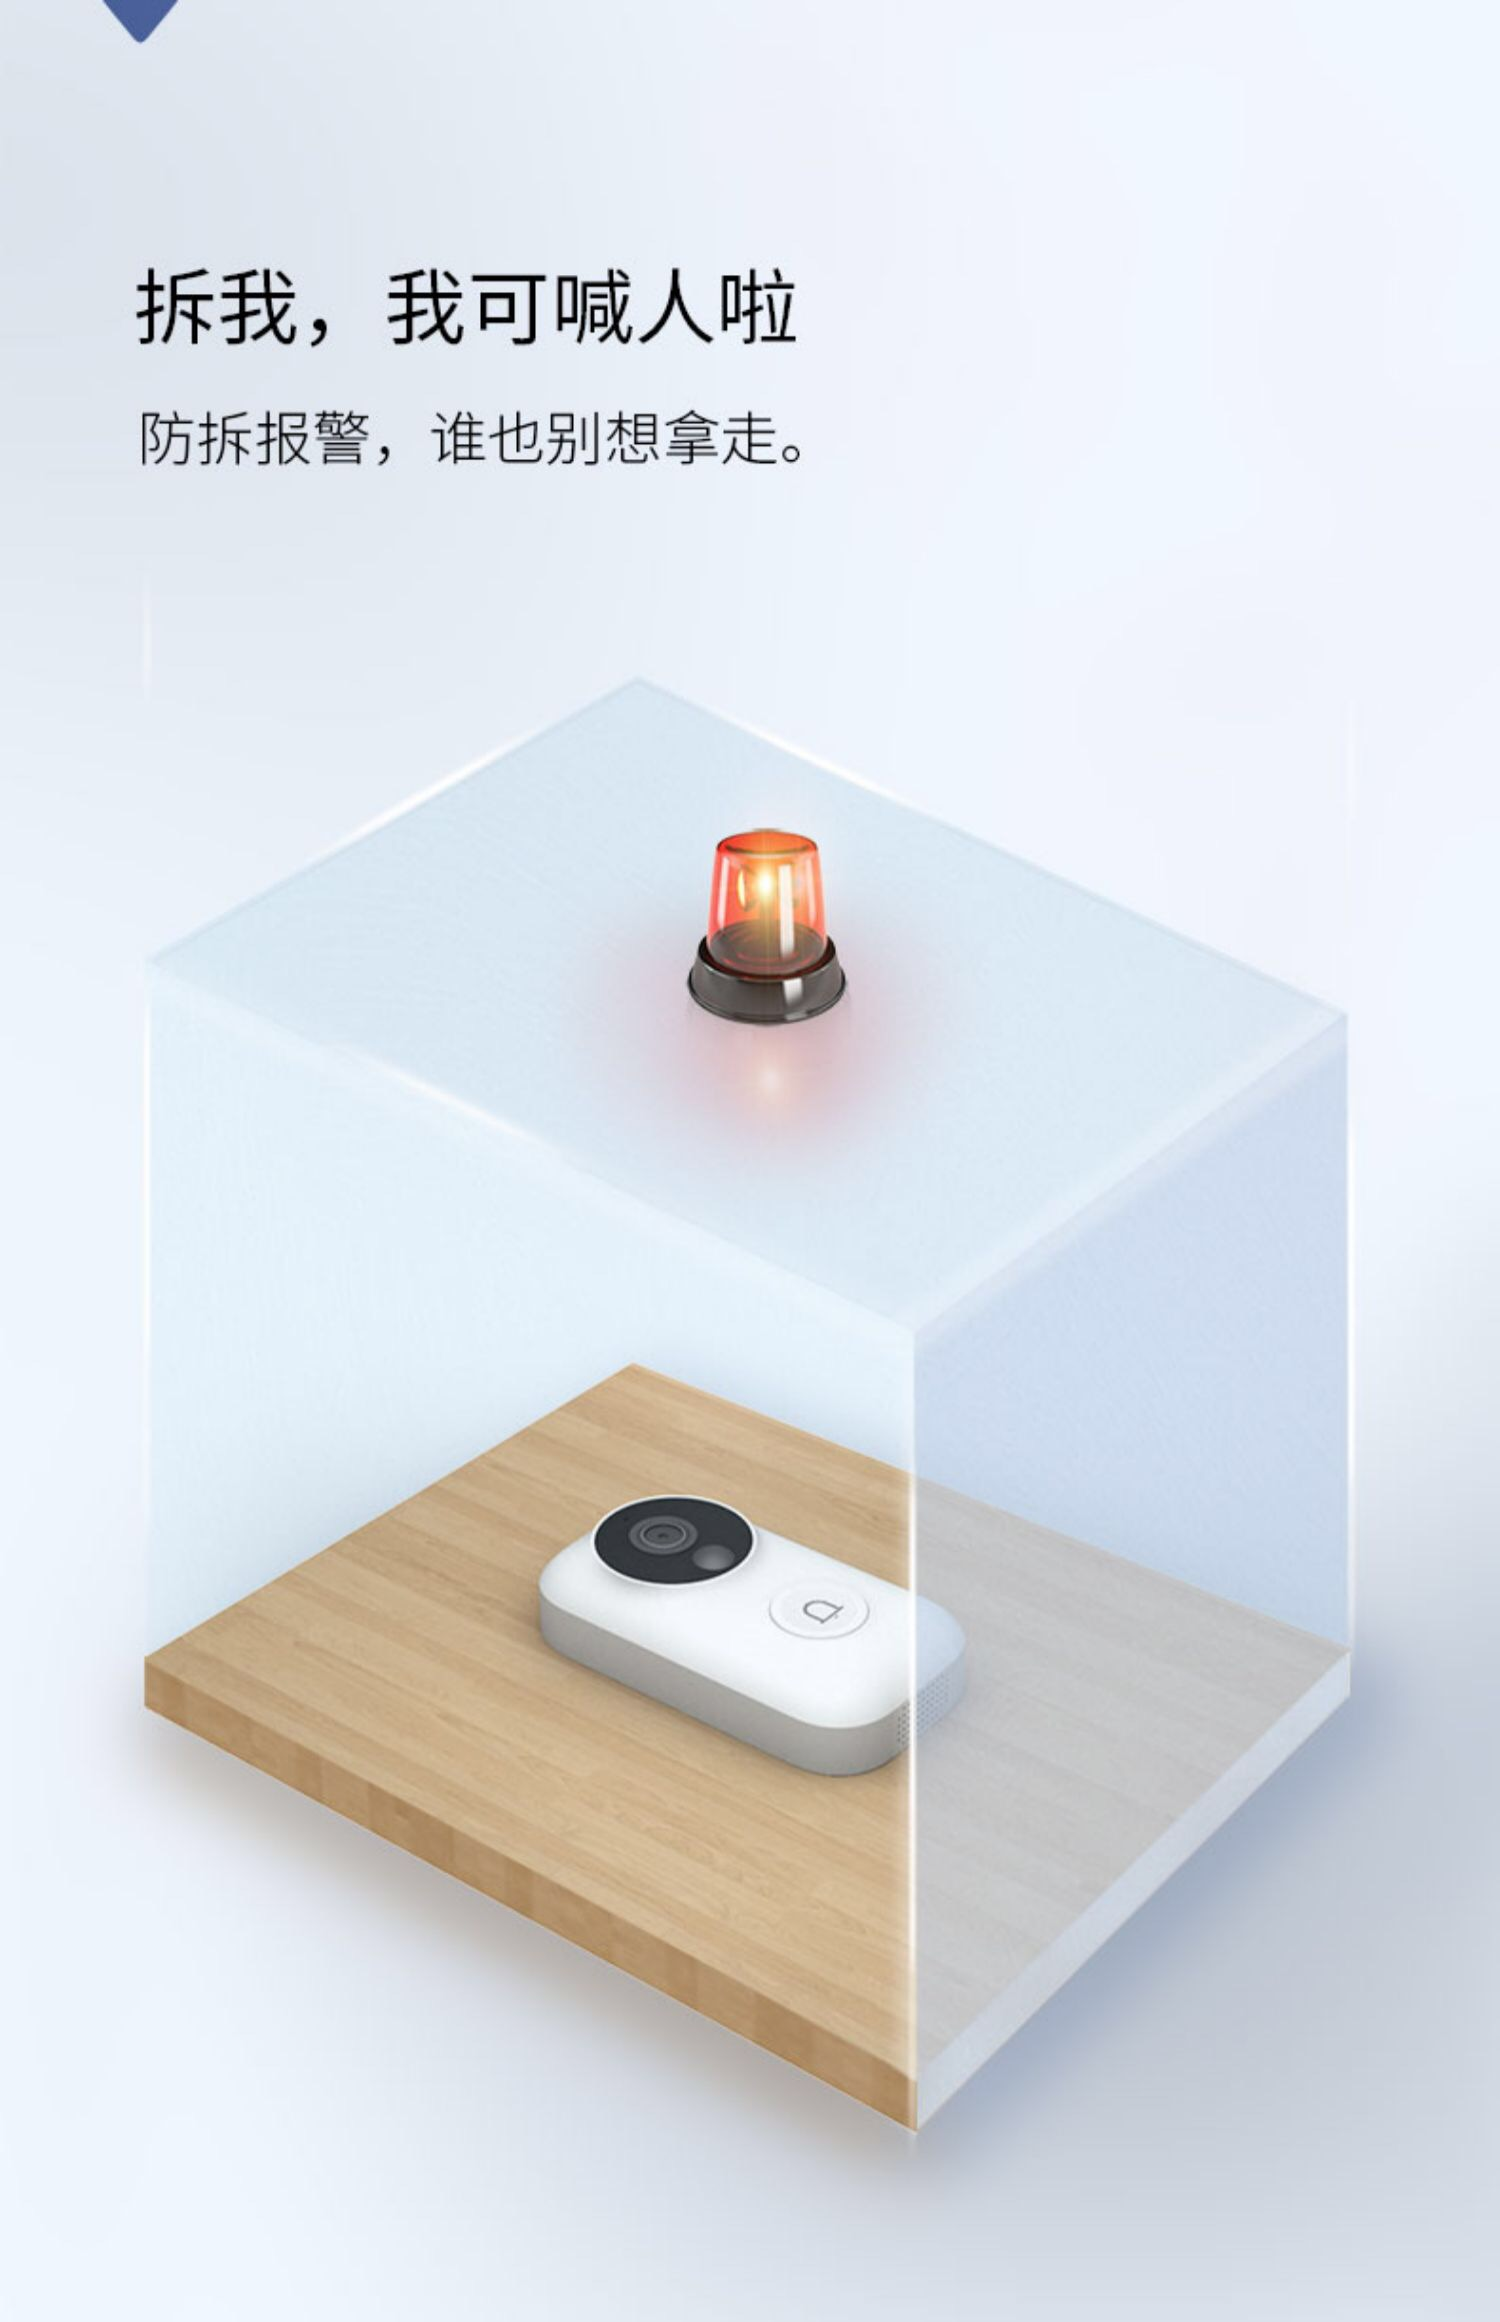 叮零 小米米家智能视频门铃C5版套装 1080P高清可视监控 无线室外家用电子猫眼摄像头 米家APP 门铃*1+内机*1